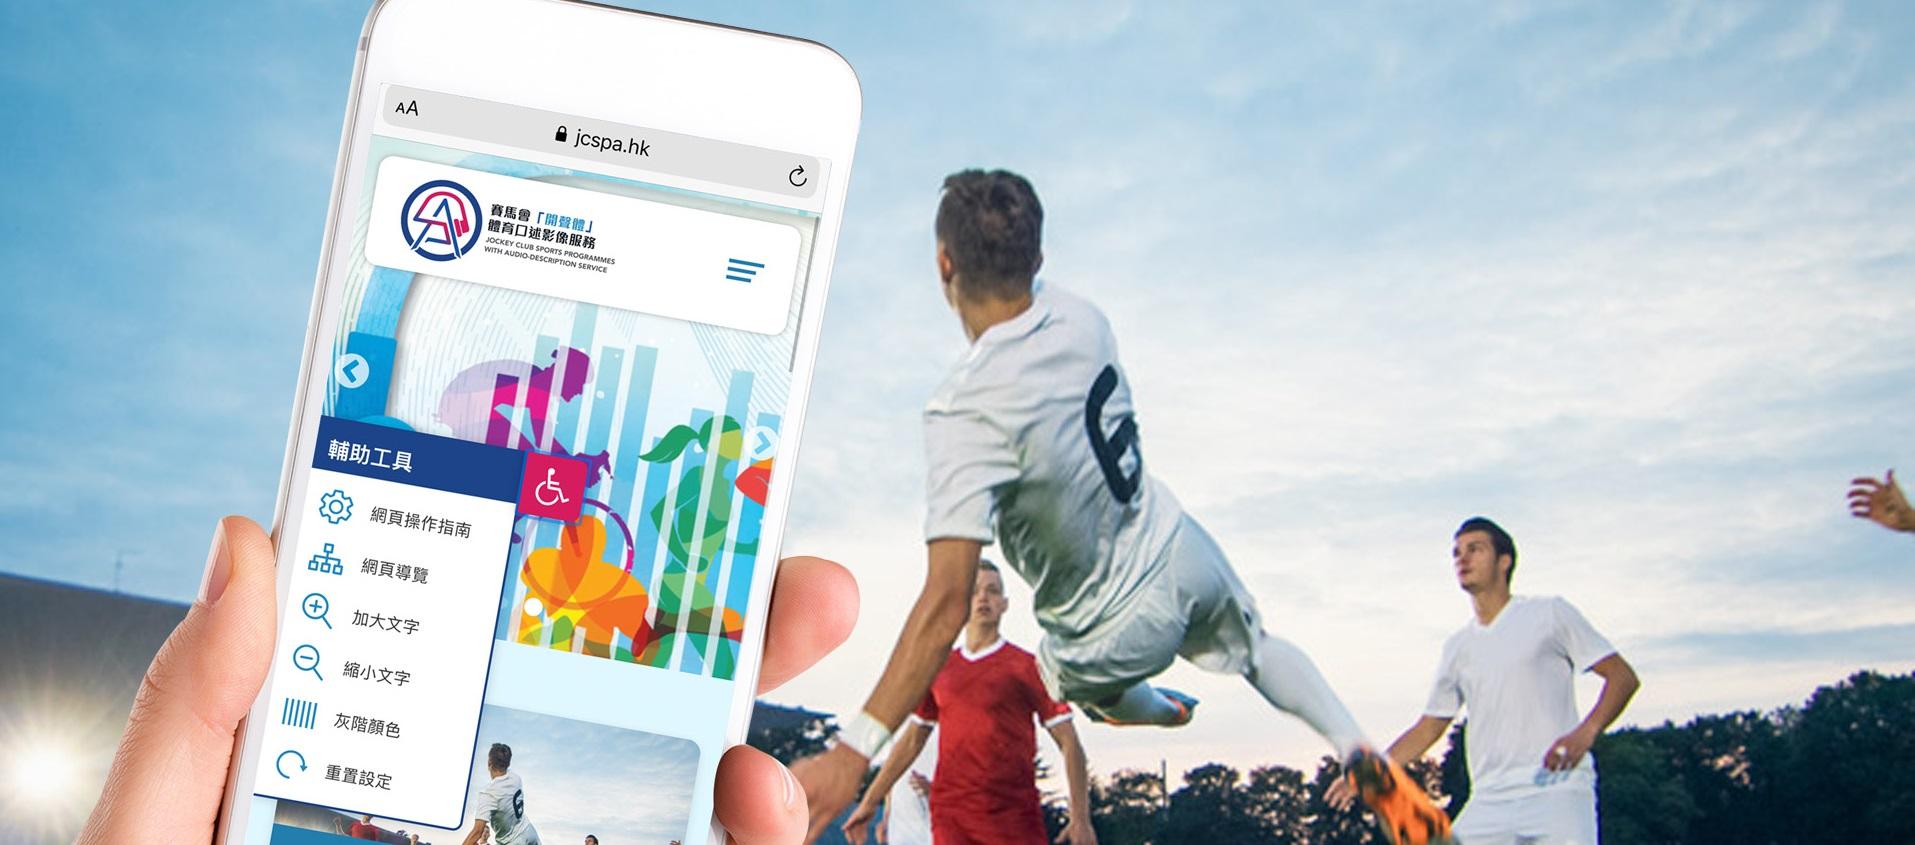 讓視障人士欣賞到精彩賽事!  由 i2 開發的賽馬會「開聲體」體育影像口述服務網站正式啟用